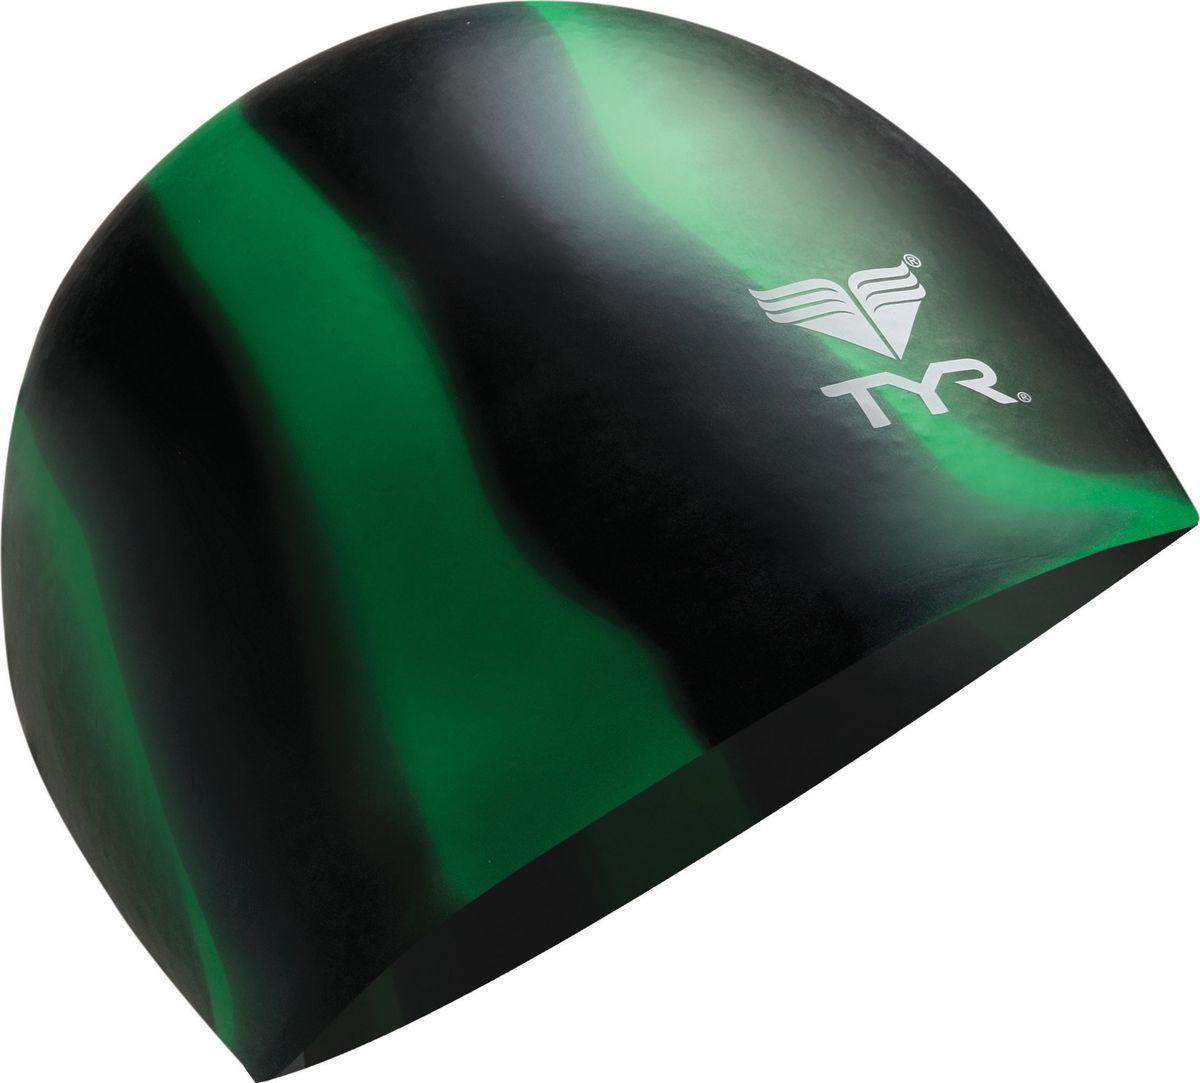 Шапочка для плавания Tyr Multi Silicone Cap, цвет: черный, зеленый. LCSMLCSMРазноцветная силиконовая шапочка TYR – изготовлена из высококачественного материала устойчивого к воздействию хлорированной воды, что гарантирует долгий срок службы. Материал шапочки не вызывает раздражения кожи и других аллергических реакций. Прекрасный вариант для тренировок в бассейне.